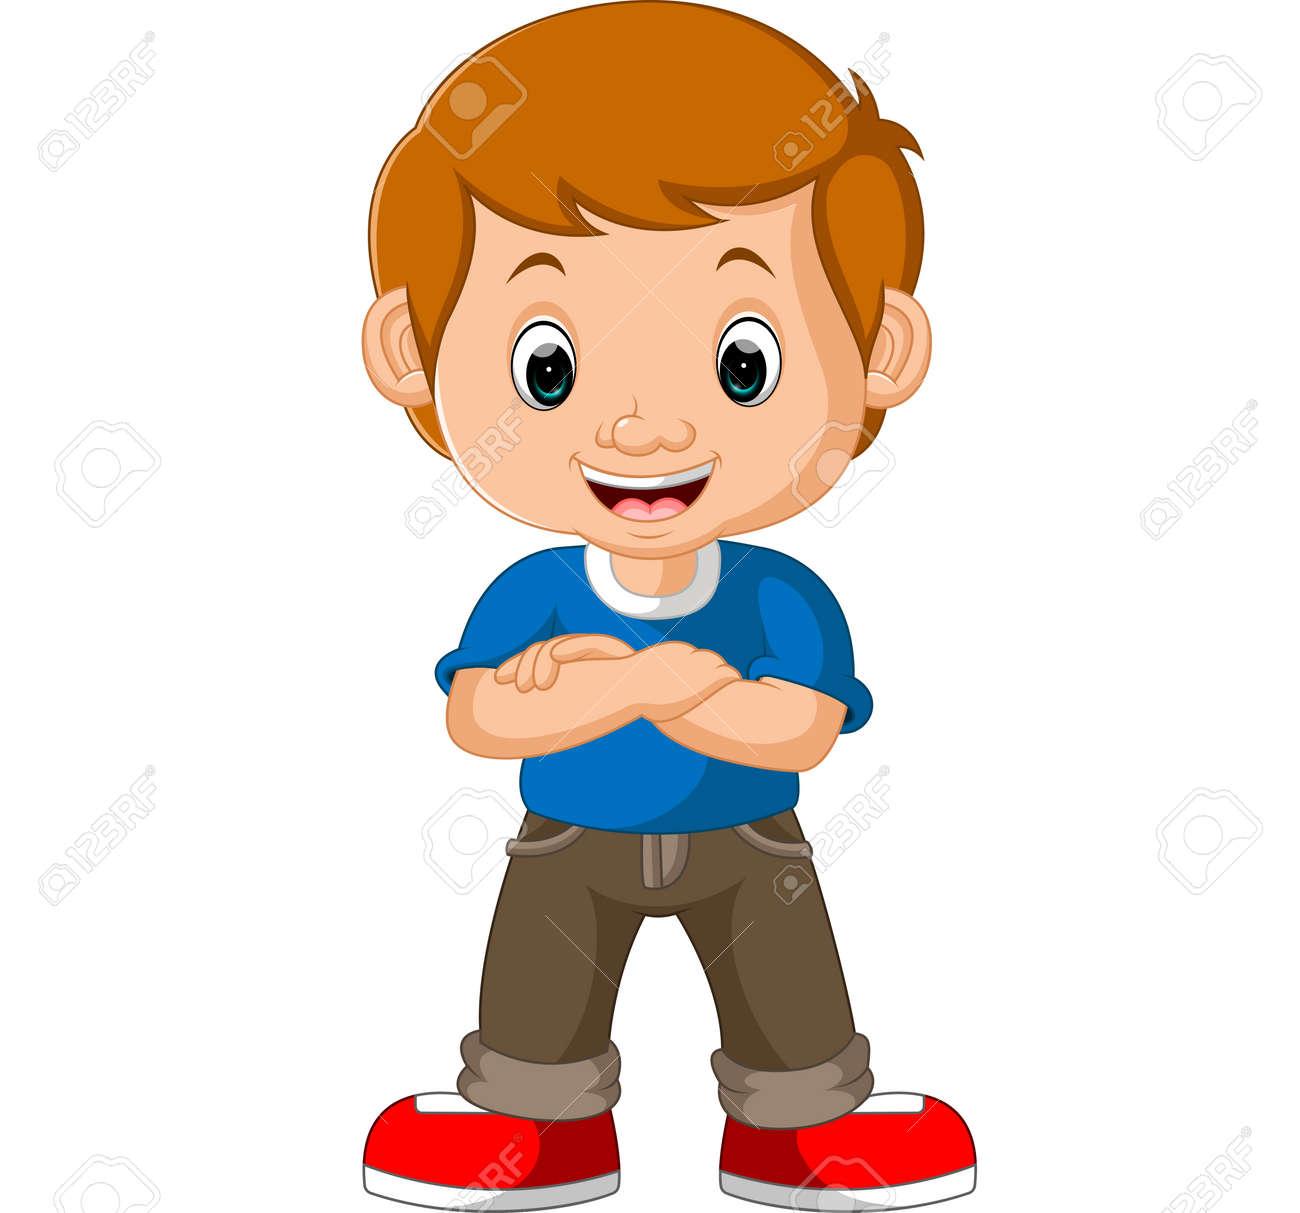 De Dibujos Animados Lindo Del Niño Ilustraciones Vectoriales Clip